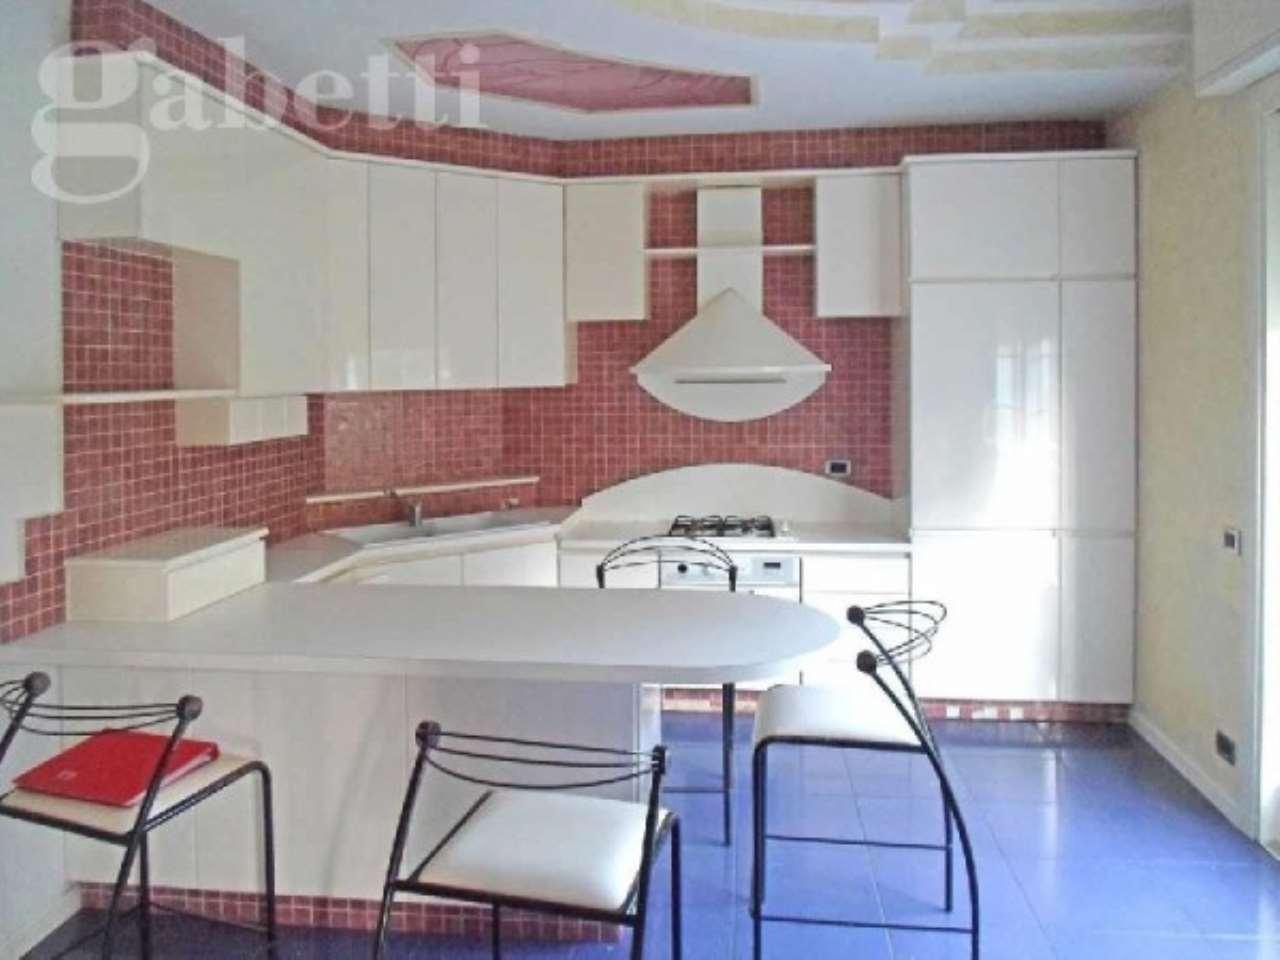 Villa in vendita a Senigallia, 6 locali, prezzo € 500.000 | CambioCasa.it